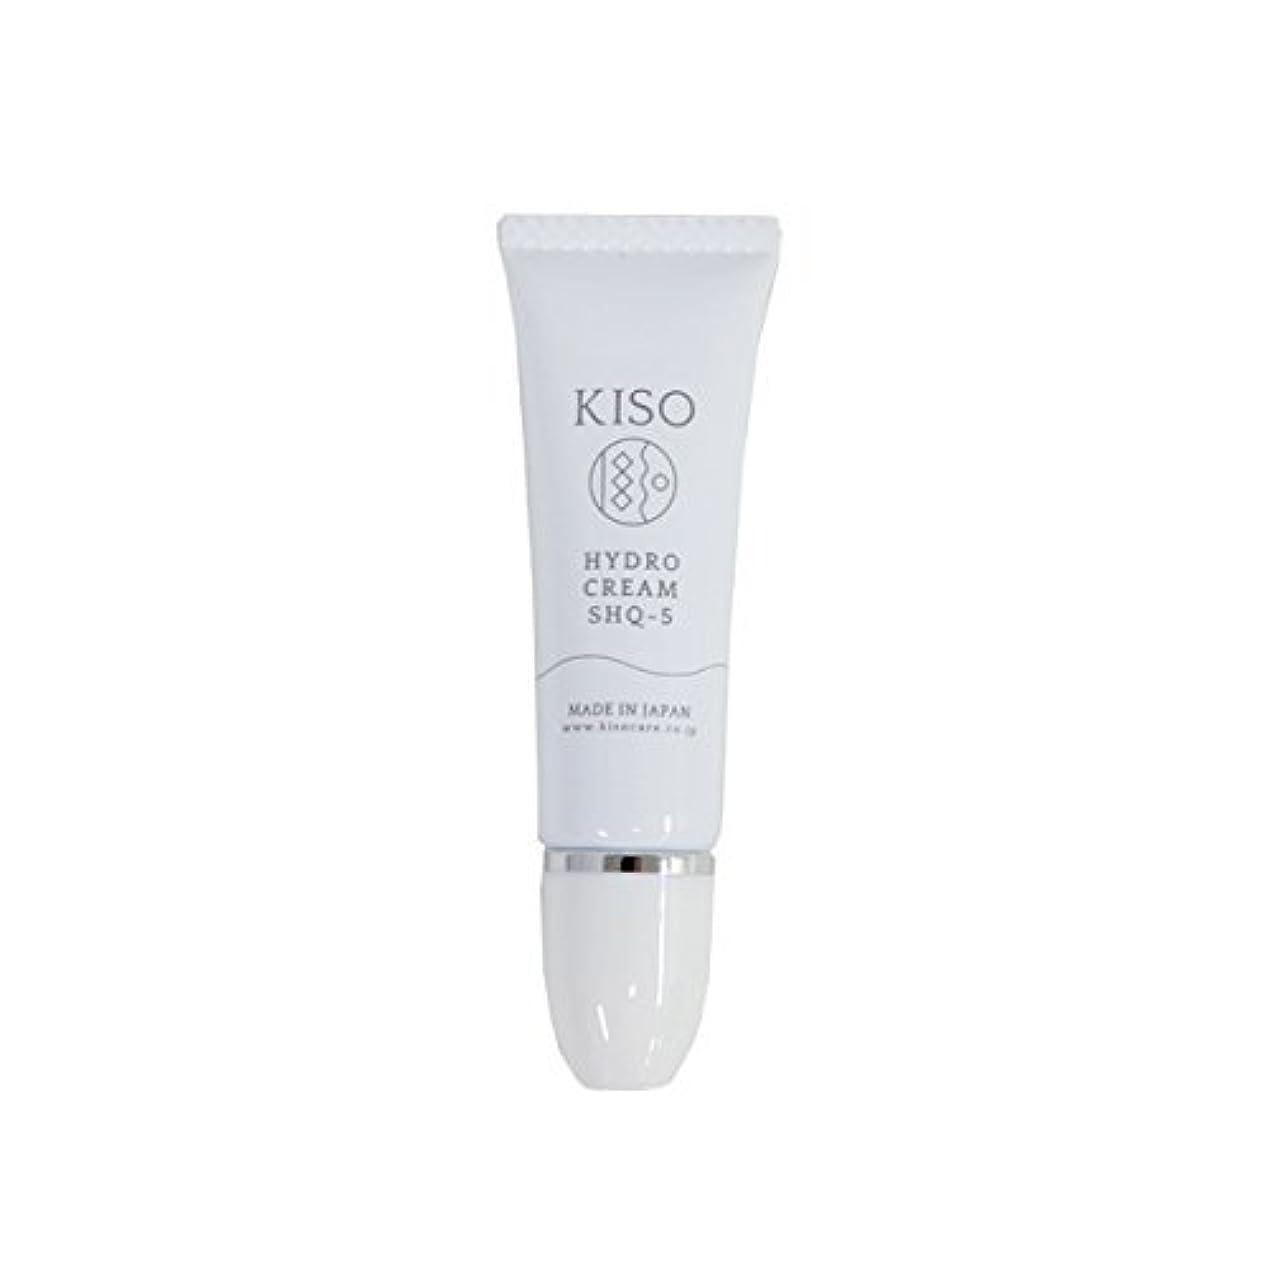 バインドギャングスター速報KISO 安定型 ハイドロキノン 5%配合【ハイドロ クリーム SHQ-5 10g】スキンケアで肌を整えた後にちょこっとケア 日本製